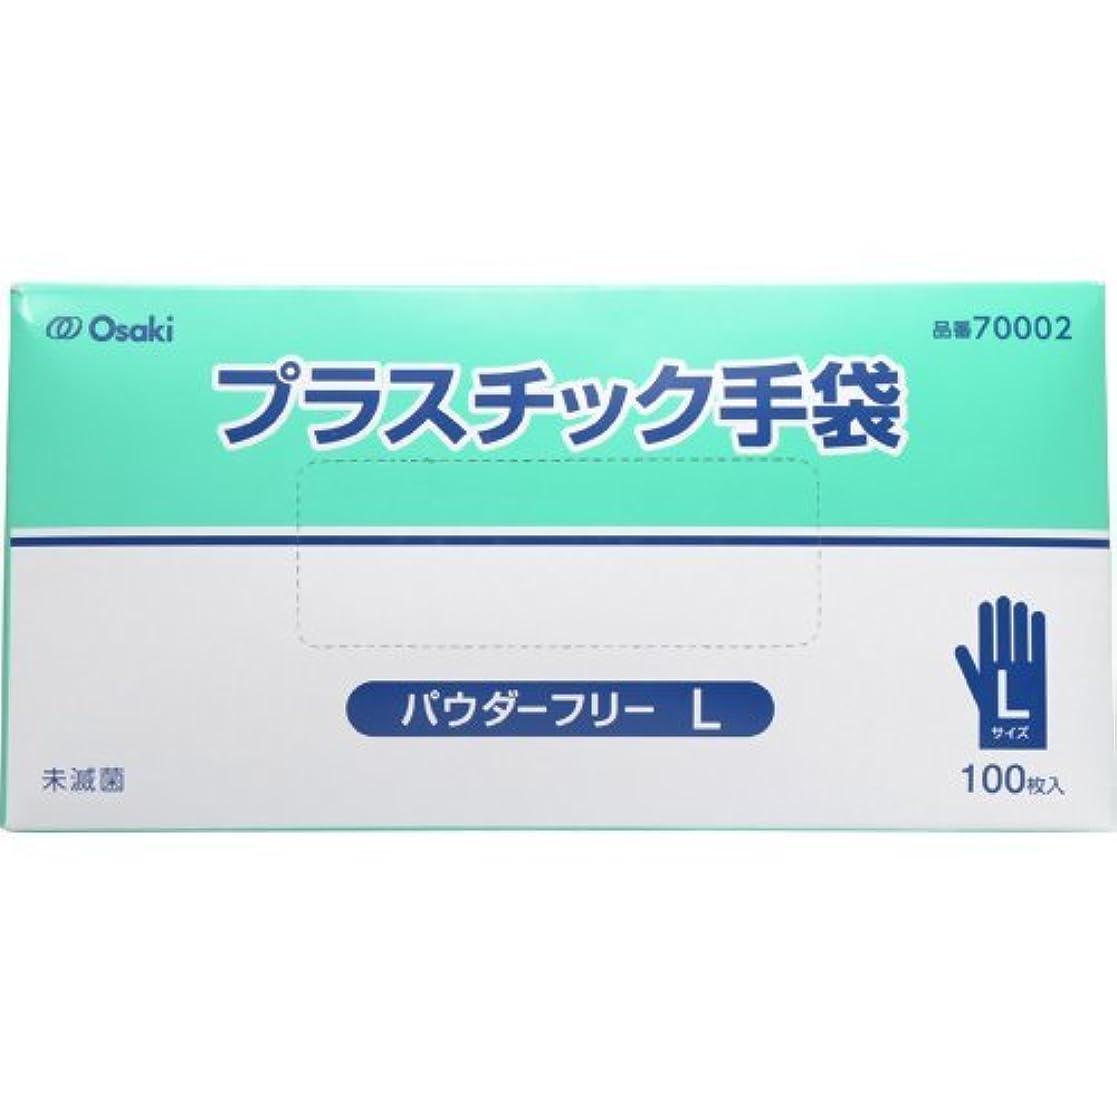 八百屋情熱的インシュレータオオサキメディカル プラスチック手袋 PF Lサイズ 100枚入